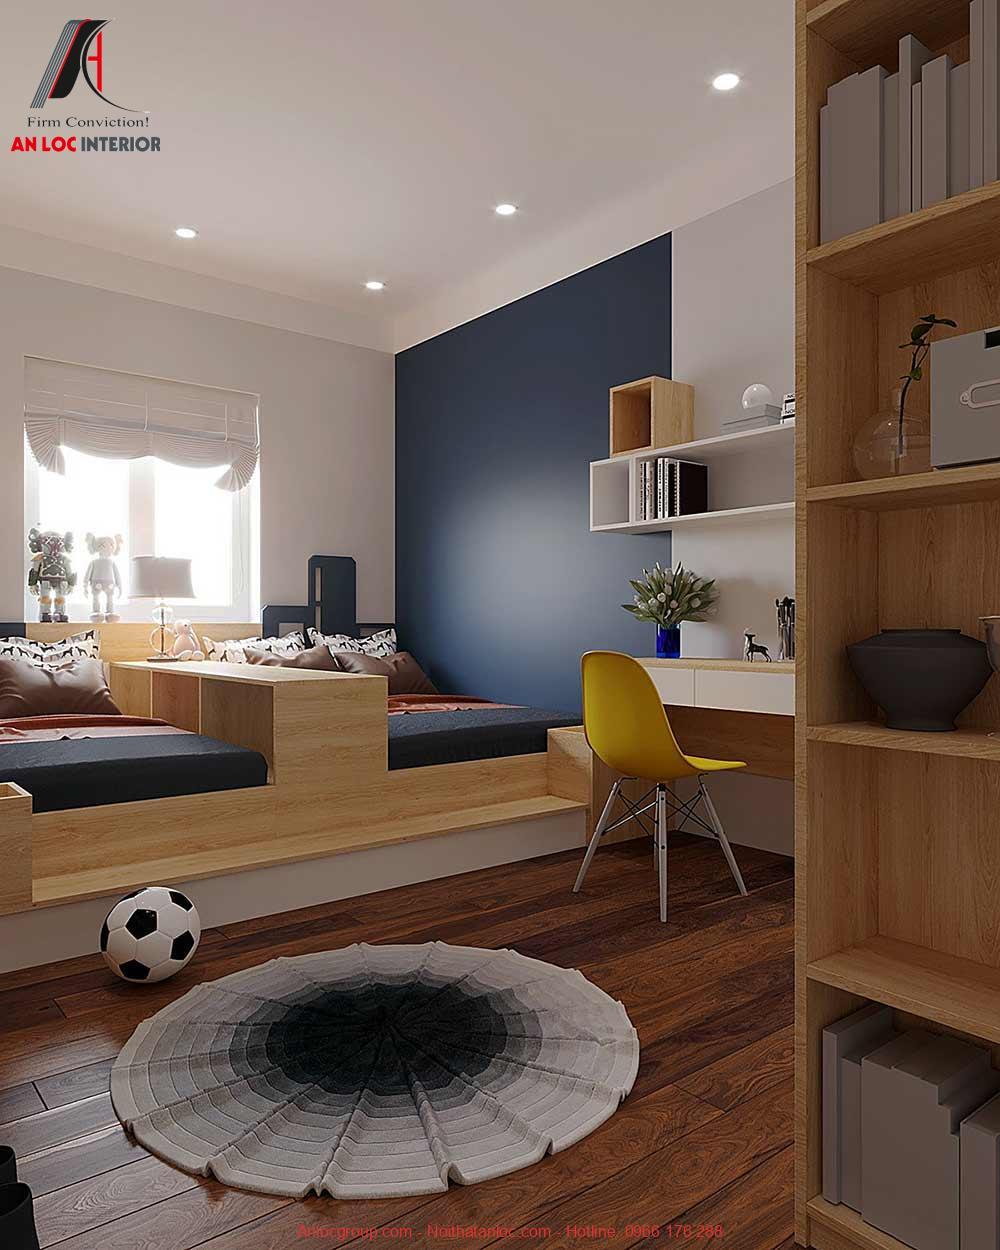 Mẫu 18: Thiết kế nội thất phòng ngủ 2 giường cho bé trai (Ảnh 3)